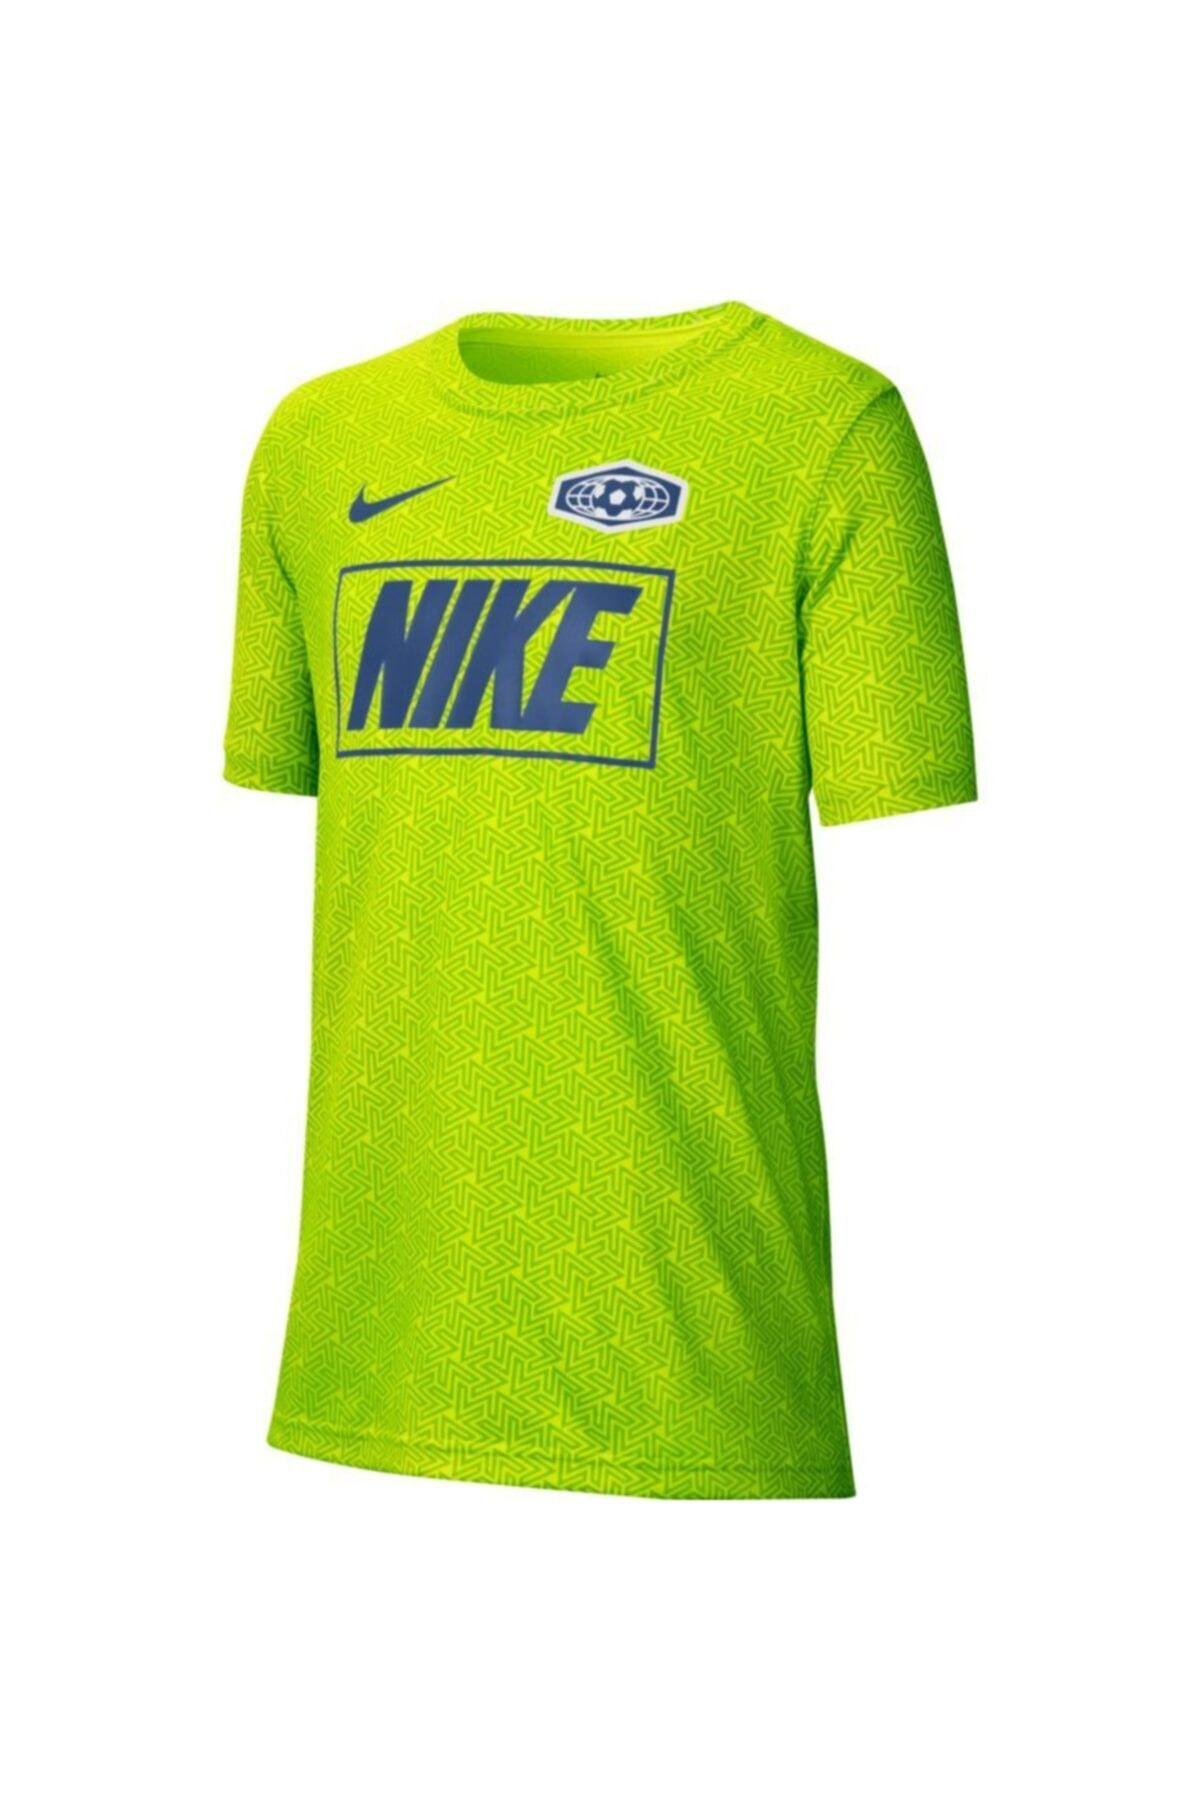 Nike Kids Unisex Çocuk Yeşil Tişört 1